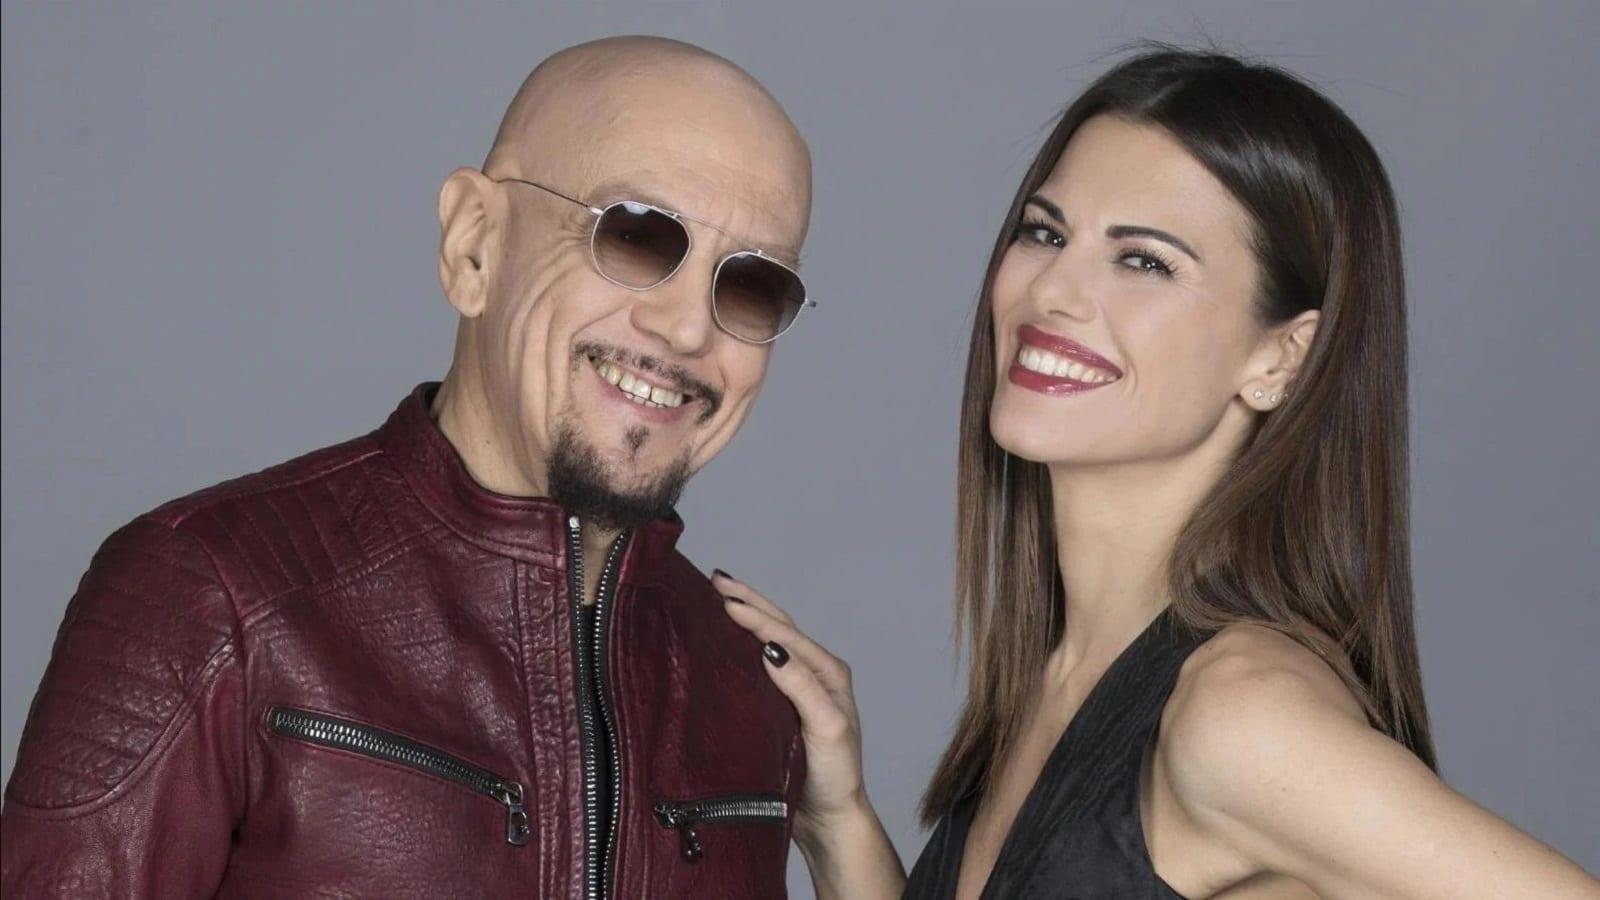 Live 7 marzo 2020: Una storia da cantare, Ultima puntata, con Enrico Ruggeri e Bianca Guaccero, su Rai 1